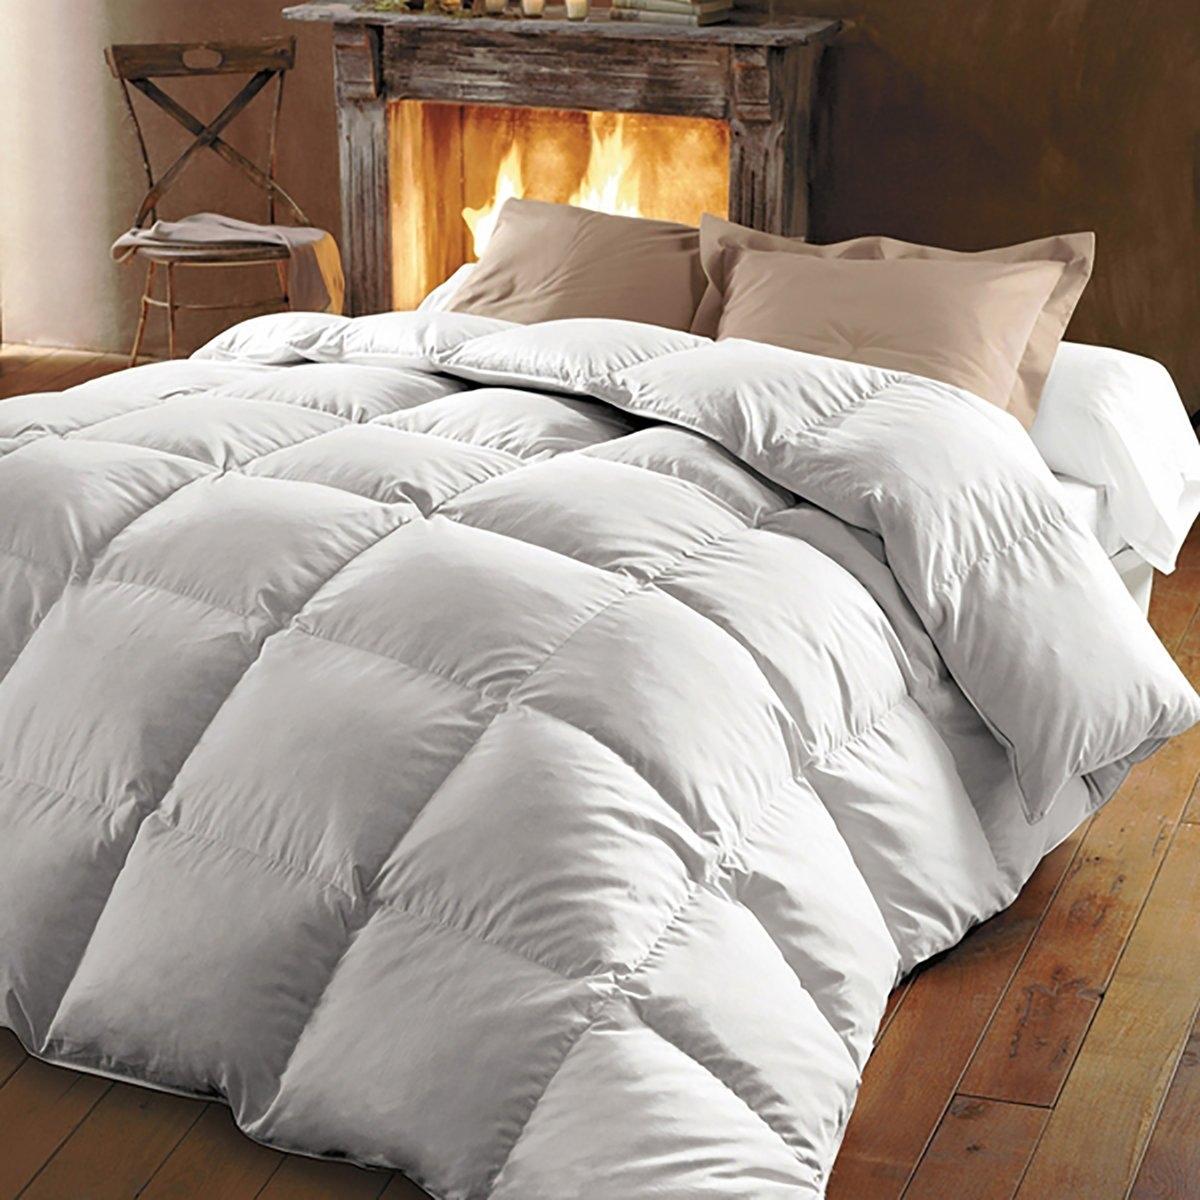 Одеяло натуральное из 100% настоящего пуха молодой уткиЭто одеяло из натуральных материалов - исключительной редкости изделие, сочетающее мягкость,объём, лёгкость и тепло.С наполнителем из 100% настоящего пуха молодой утки, отмеченного высоким качеством, одеяло создаёт естественную терморегуляцию, не вызывая излишней поливости.Качество наполнителя таково, что его достаточно небольшого количества, чтобы получить максимальное сохранение тепла. Характеристики натурального одеяла :Наполнитель из 100% настоящего пуха молодой утки.Поверхностная плотность : 180 г/м2.Чехол : перкаль 91 нитей/см2 с обработкой против клещей PRONEEM. Биоцидная обработка  .Отделка : кантом, прострочка квадратами.Стирать при 60°C..Доставка в чемоданчике для хранения.<br><br>Цвет: белый